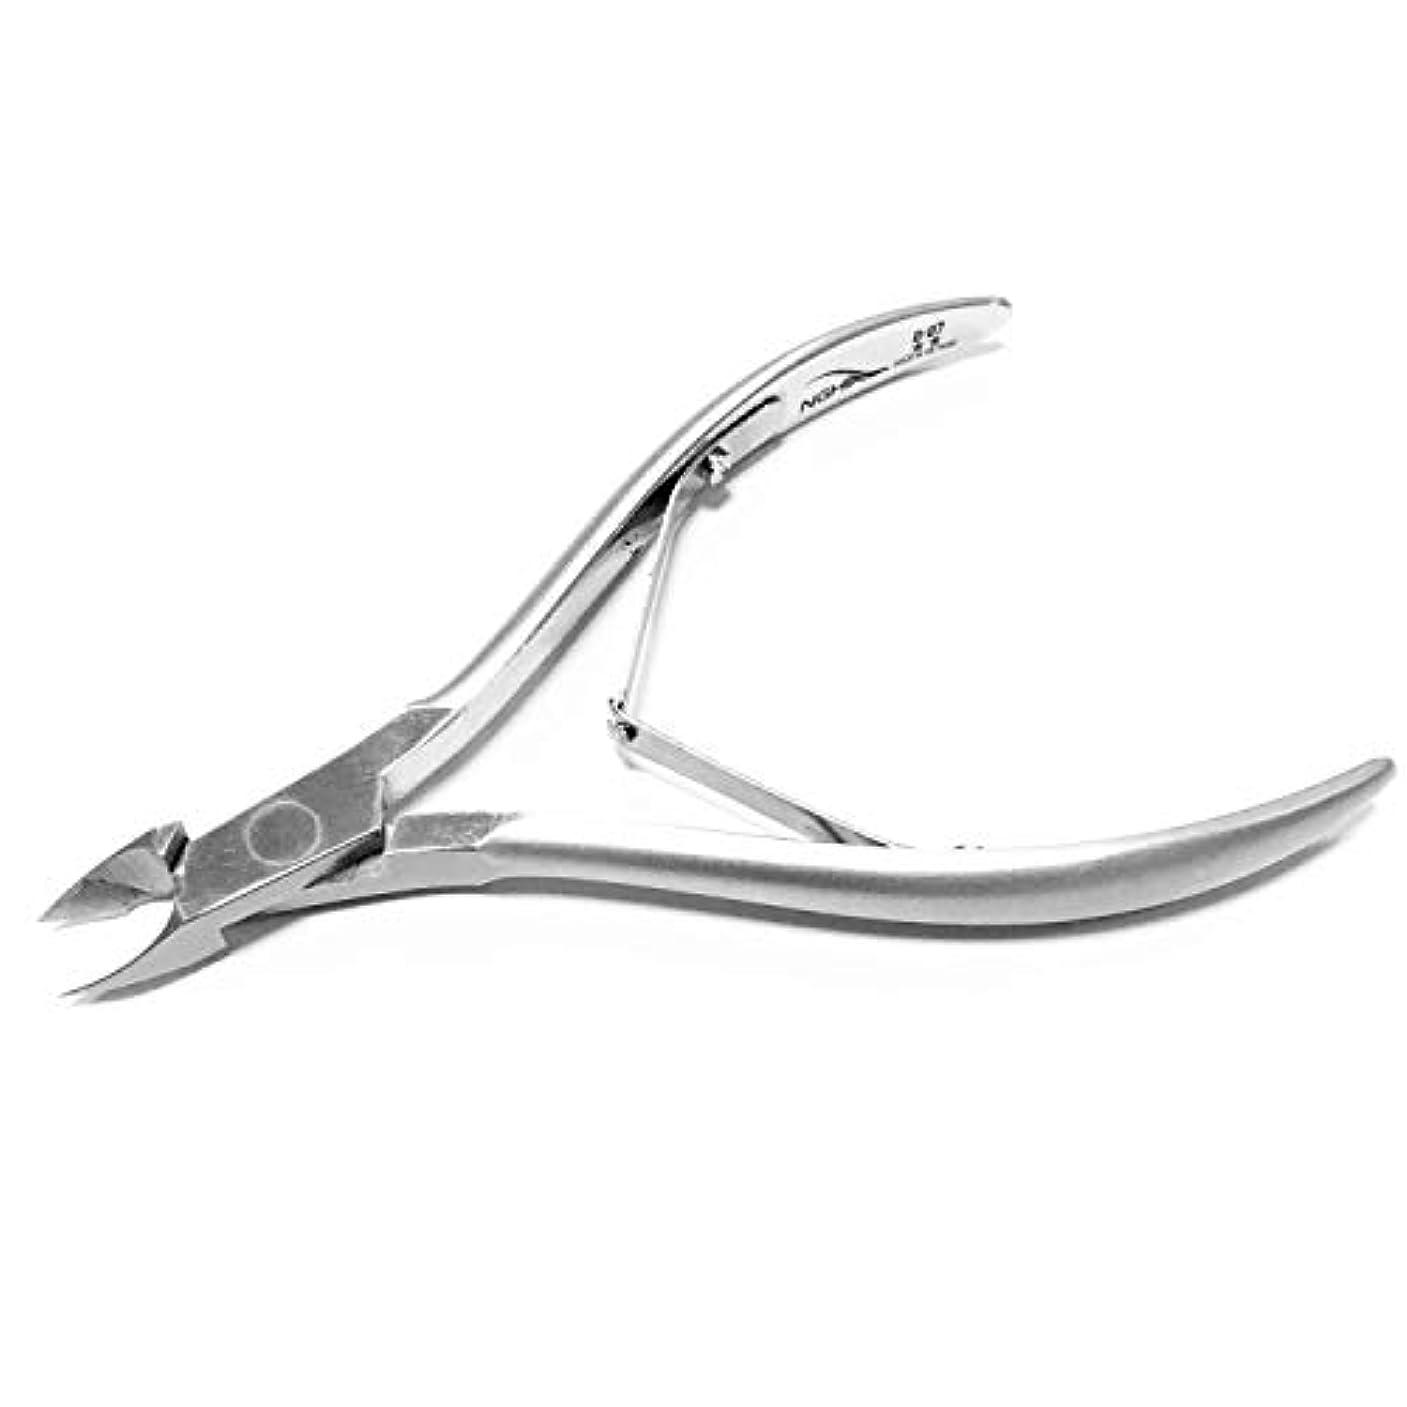 砂漠接続詞チーターNGHIA キューティクルニッパー ペディキュアや美容ツール 理想的 な爪 足爪 用 専門外科グレードのステンレススチールキューティクルニッパー、ニッケルメッキ、シングルスプリング、7mmジョー